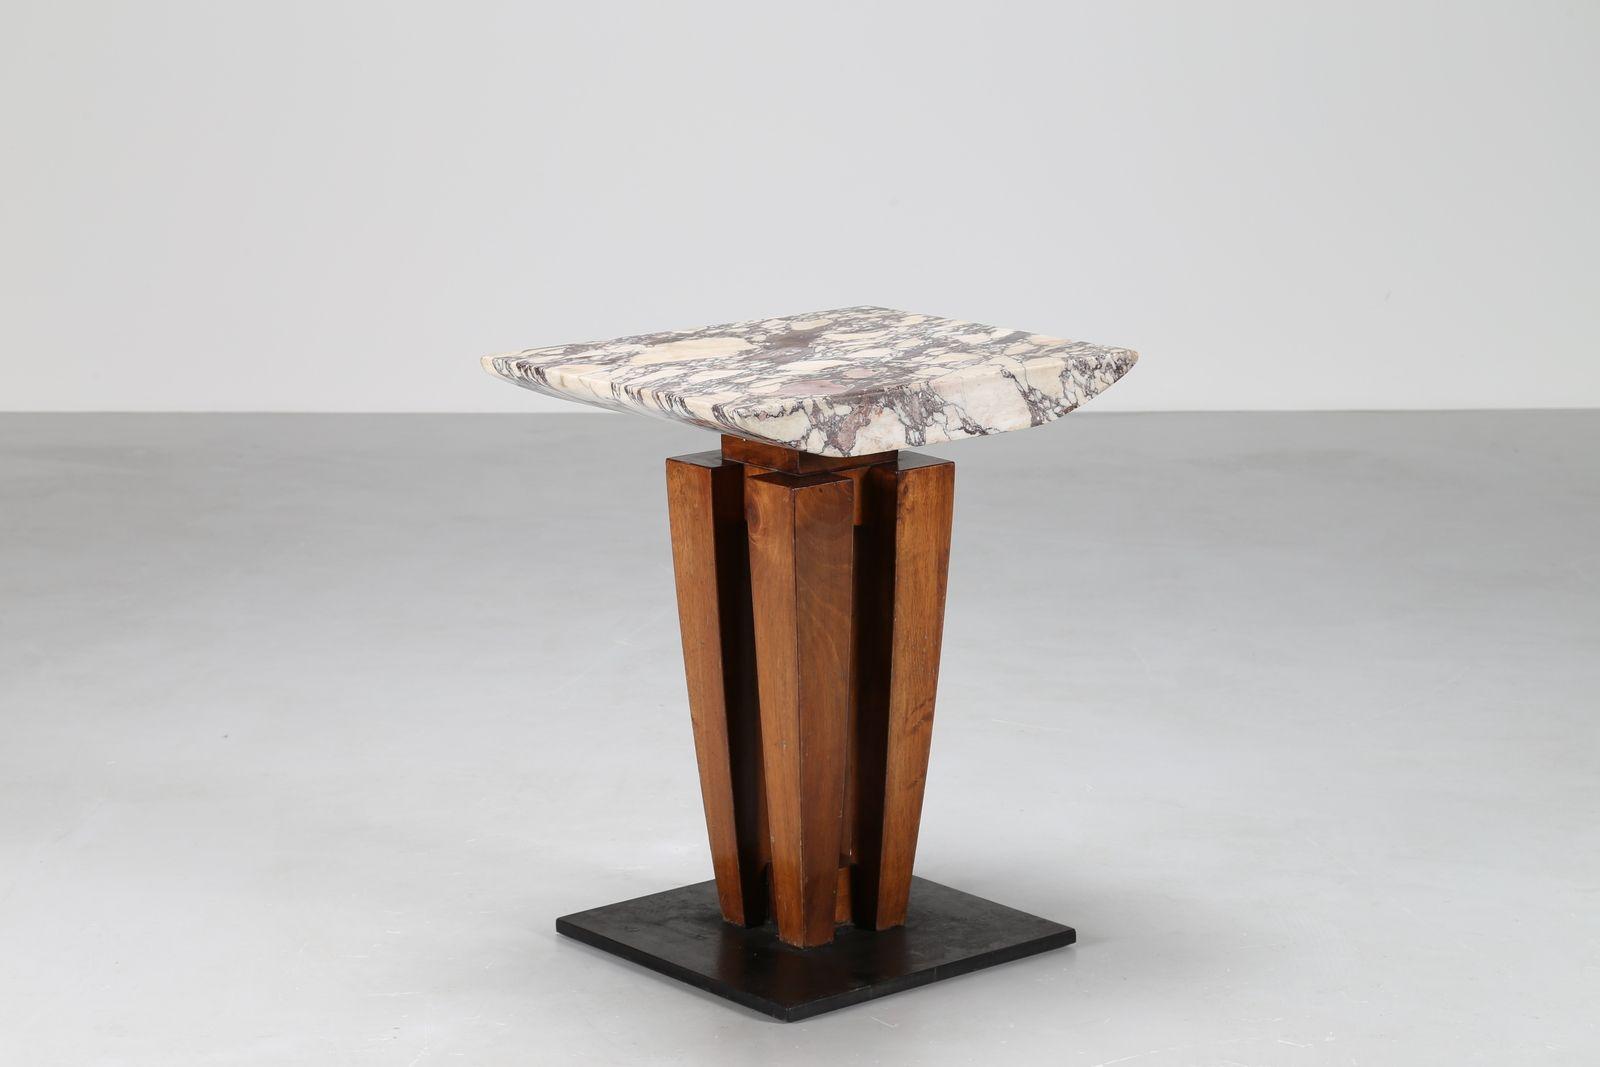 pierluigi spadolini architetto / tavolino gueridon pezzo unico in noce d'amazzonia con piano in marmo breccia capraia